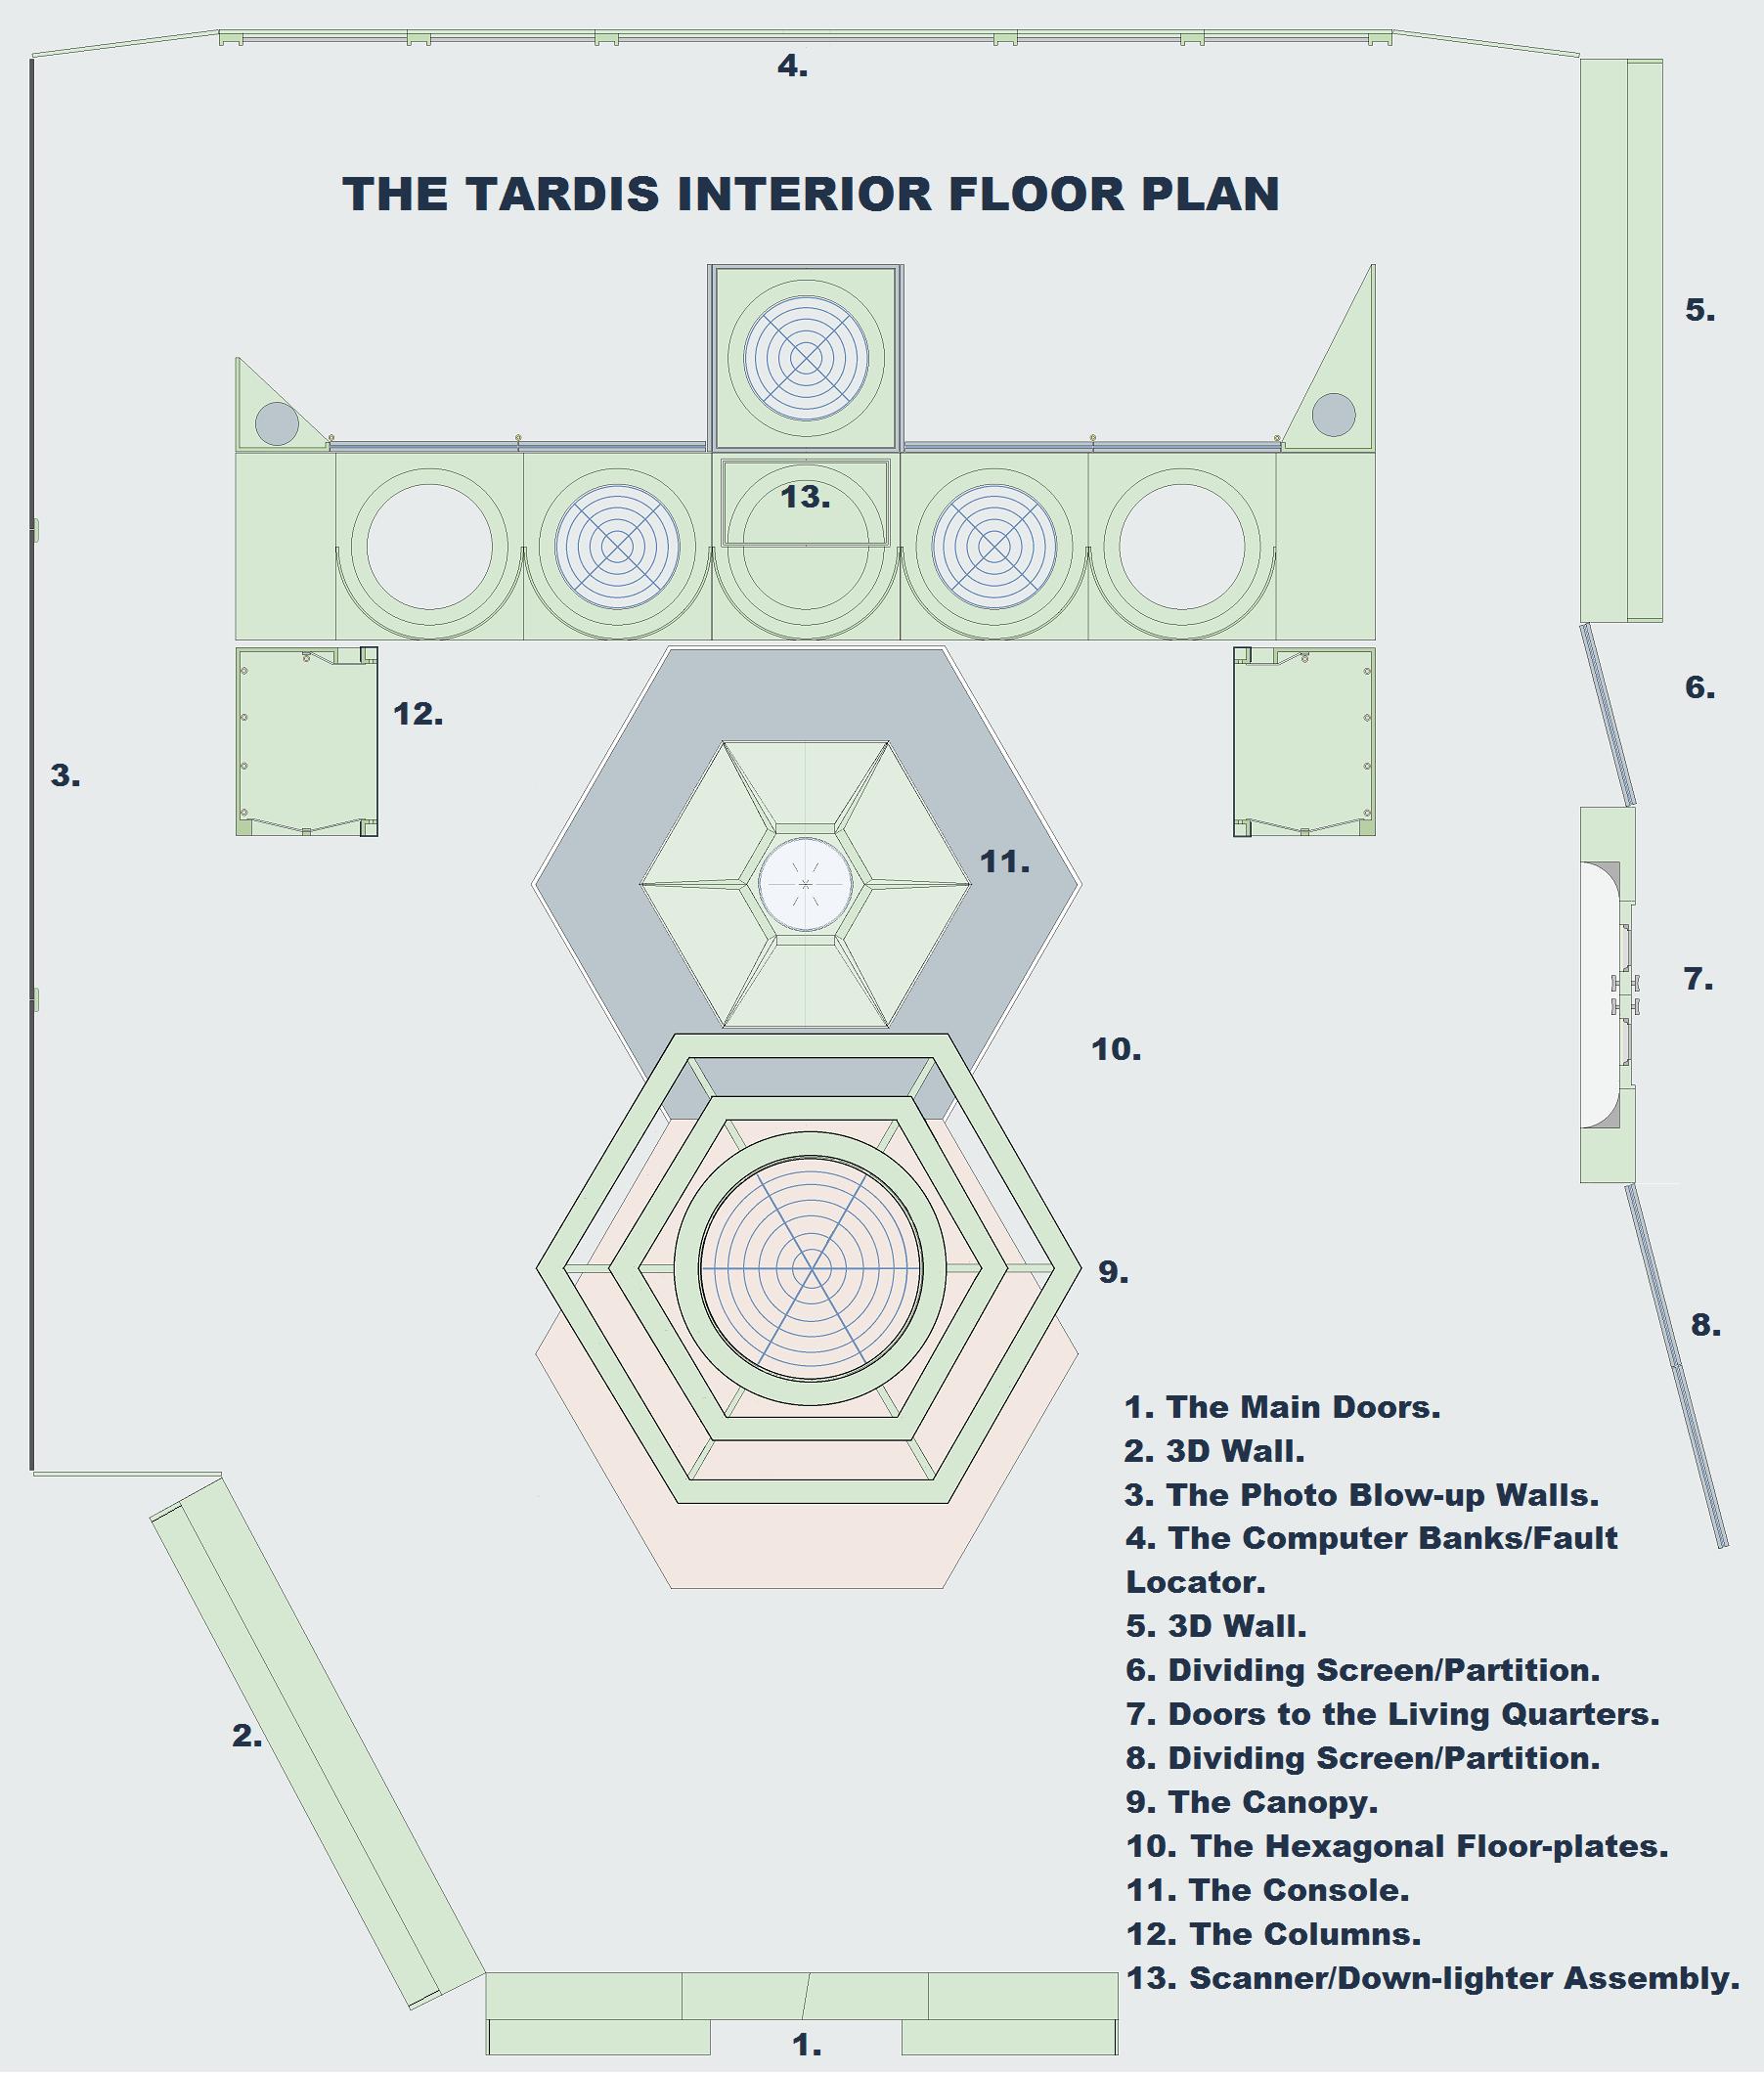 tardis floor plan 40 percent for Tardis Builders.png